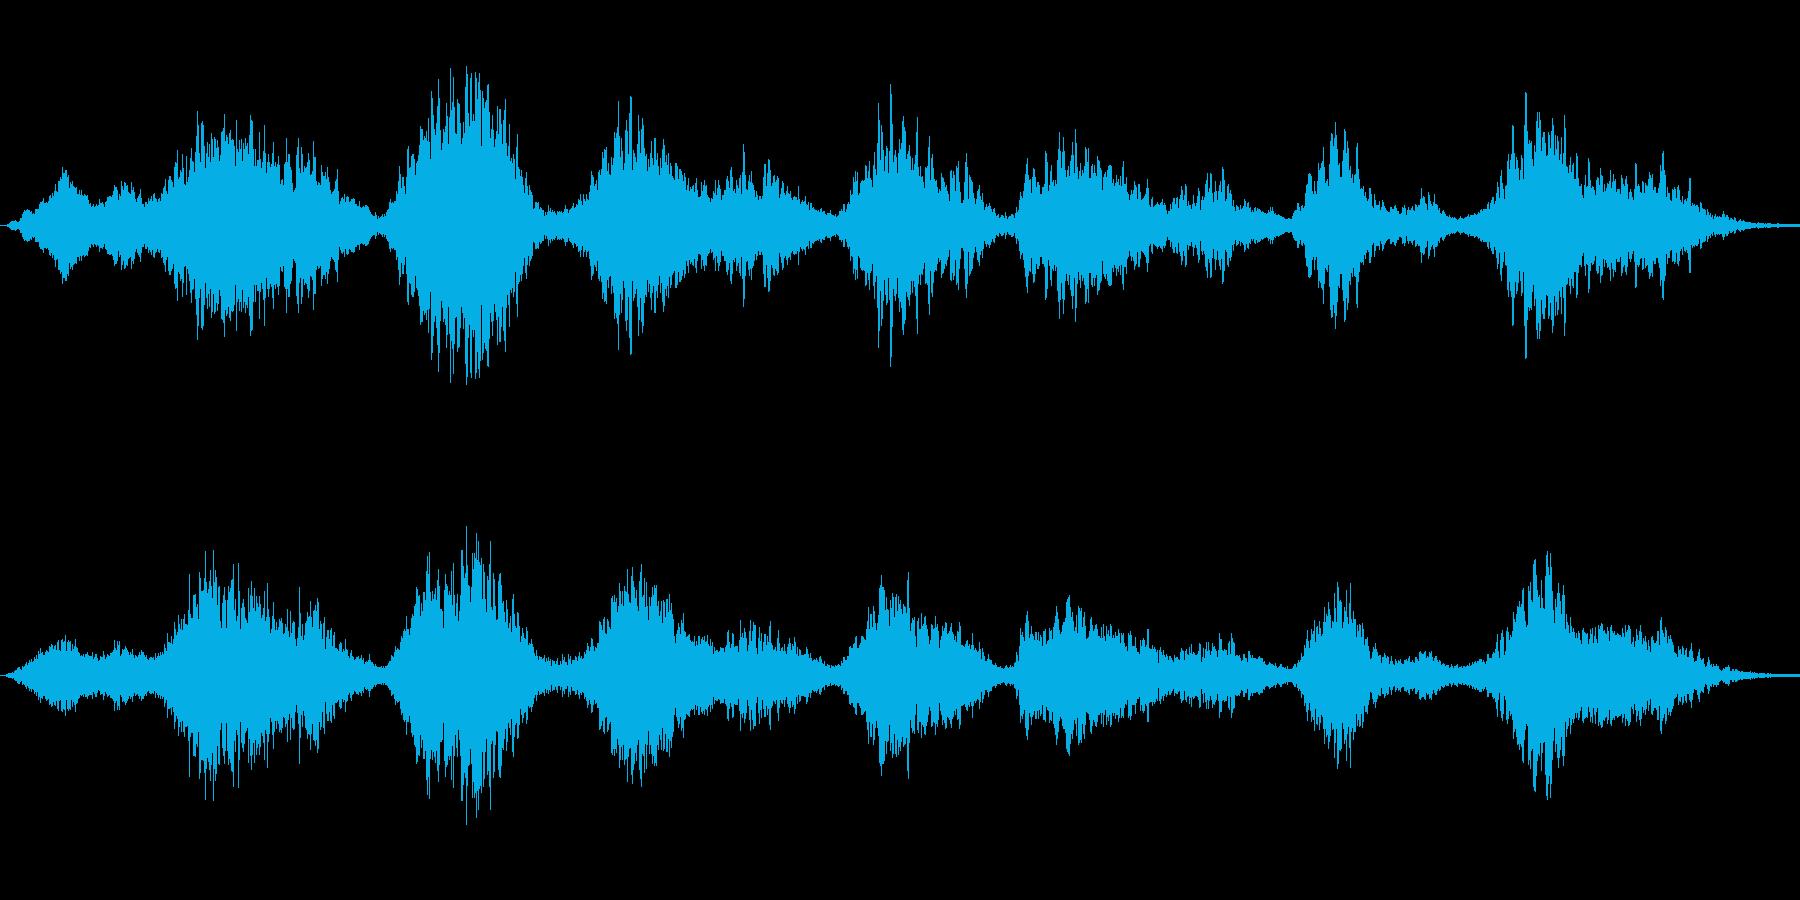 不安・恐怖・困惑な場面の背景音の再生済みの波形